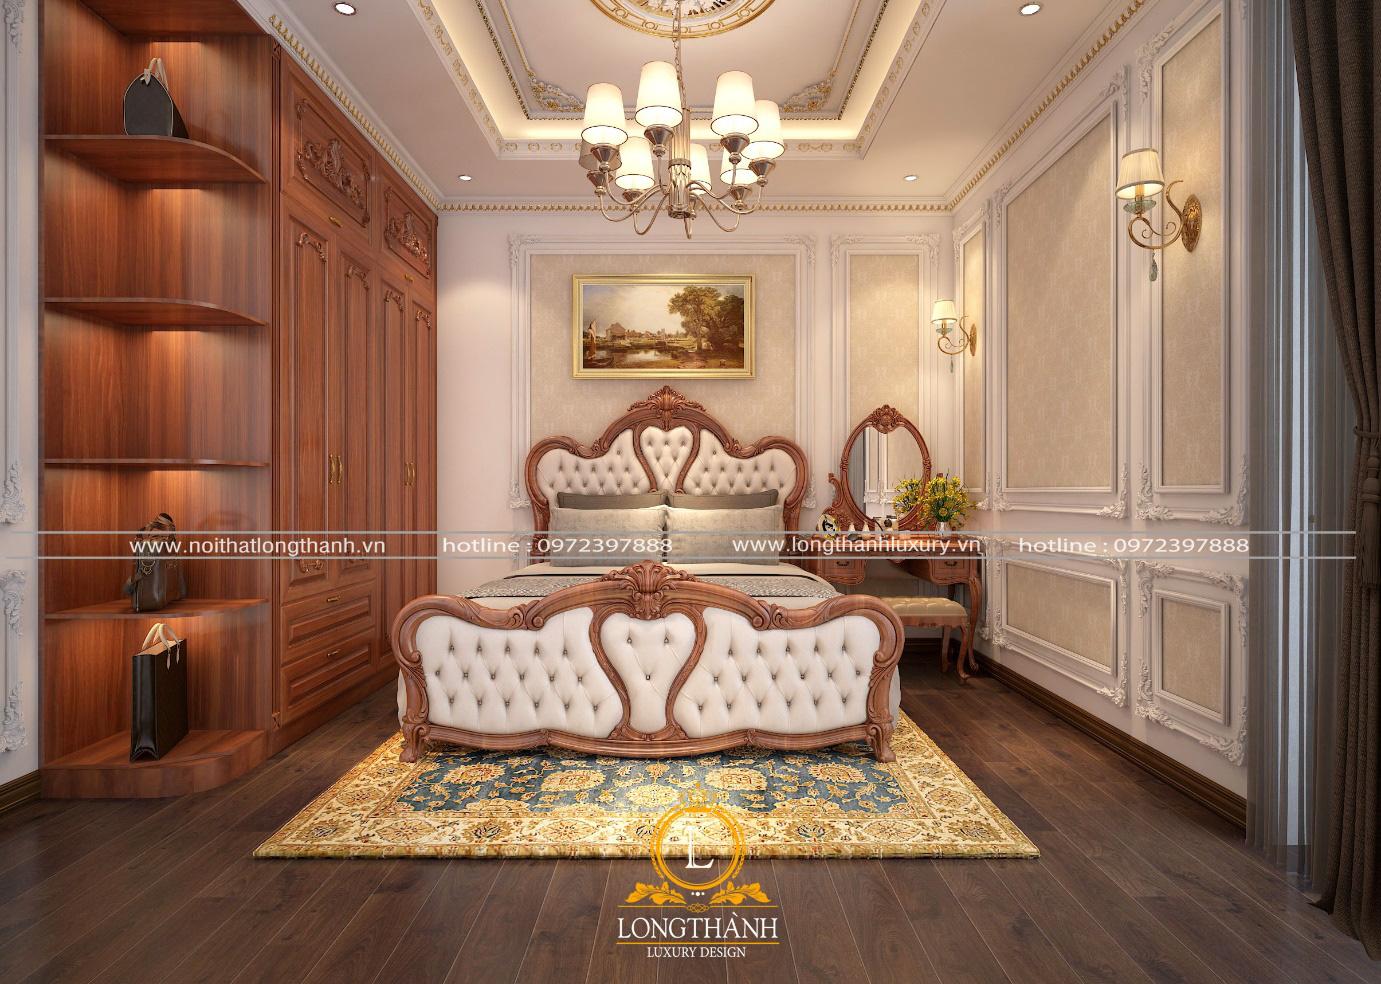 Nội Thất Long Thành – Kiến tạo vẻ đẹp hoàn mỹ cho ngôi nhà của bạn - Ảnh 2.